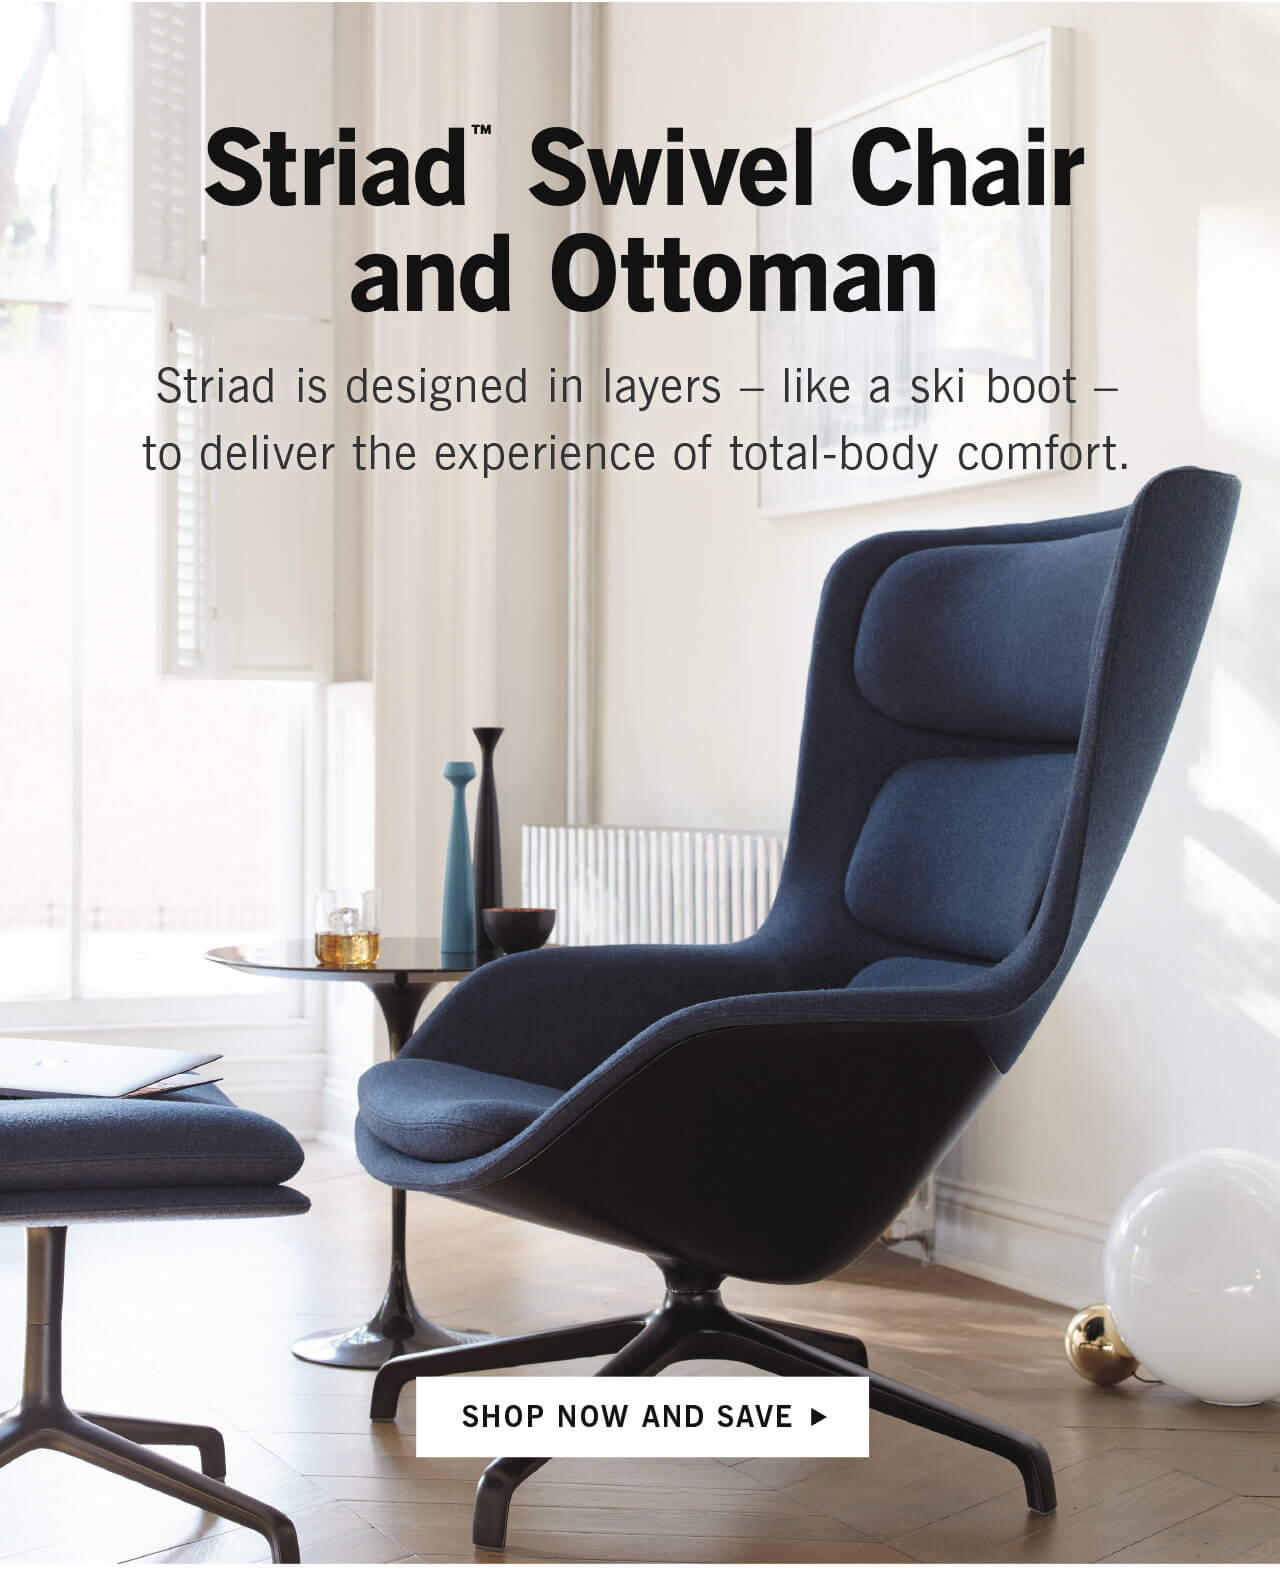 Striad Chair